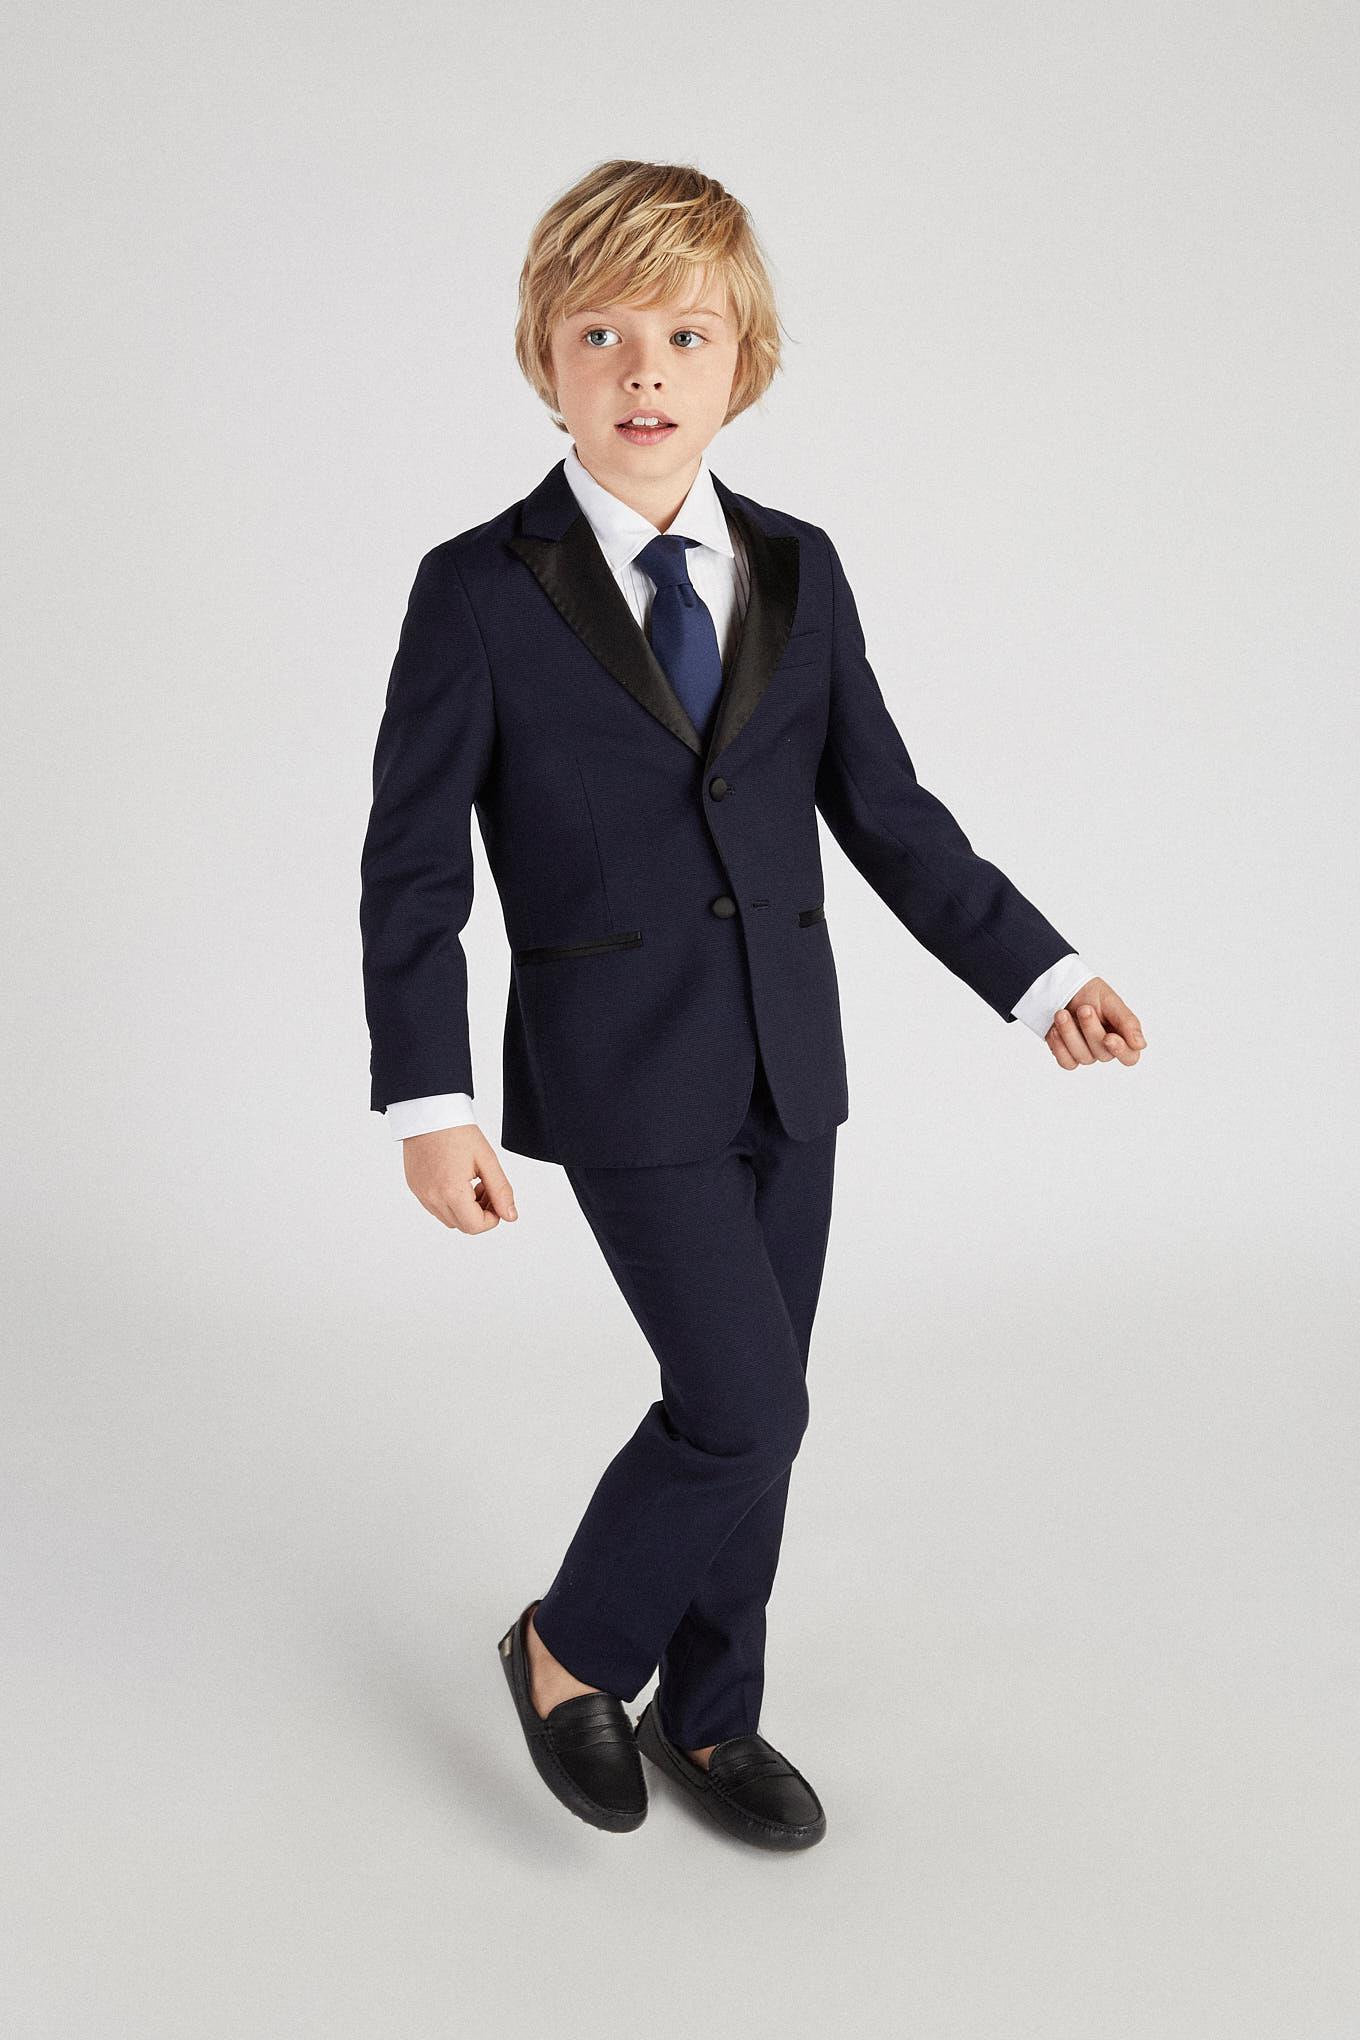 Tuxedo Dark Blue Classic Boy